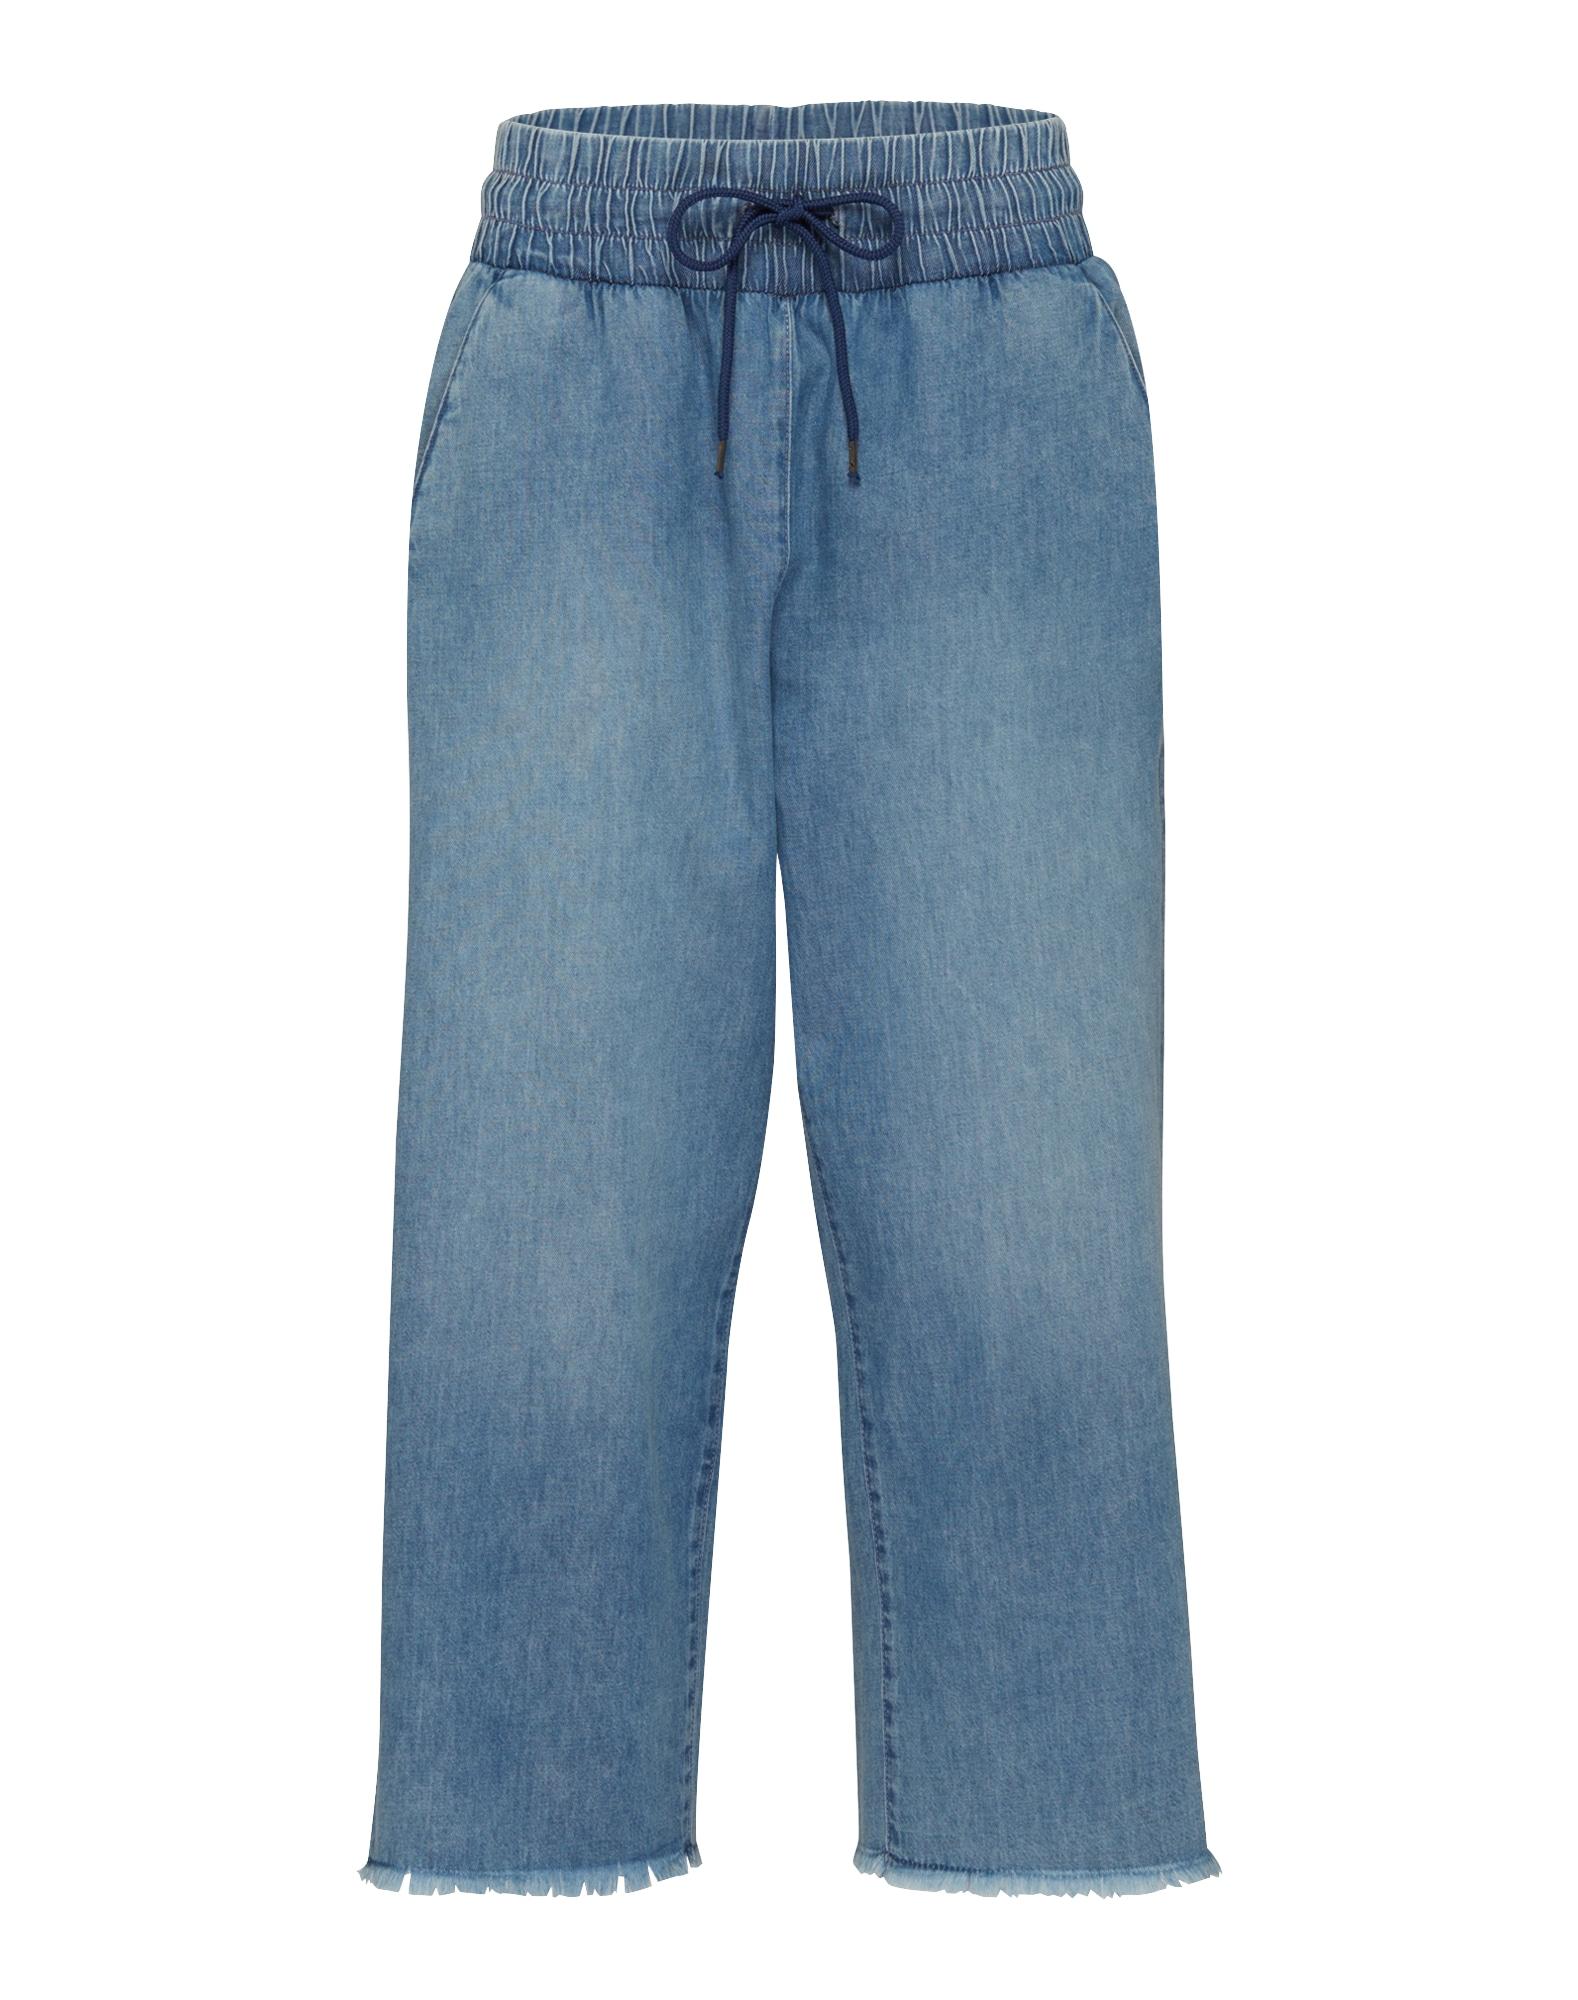 CHEAP MONDAY Dames Jeans Flow Crop blauw